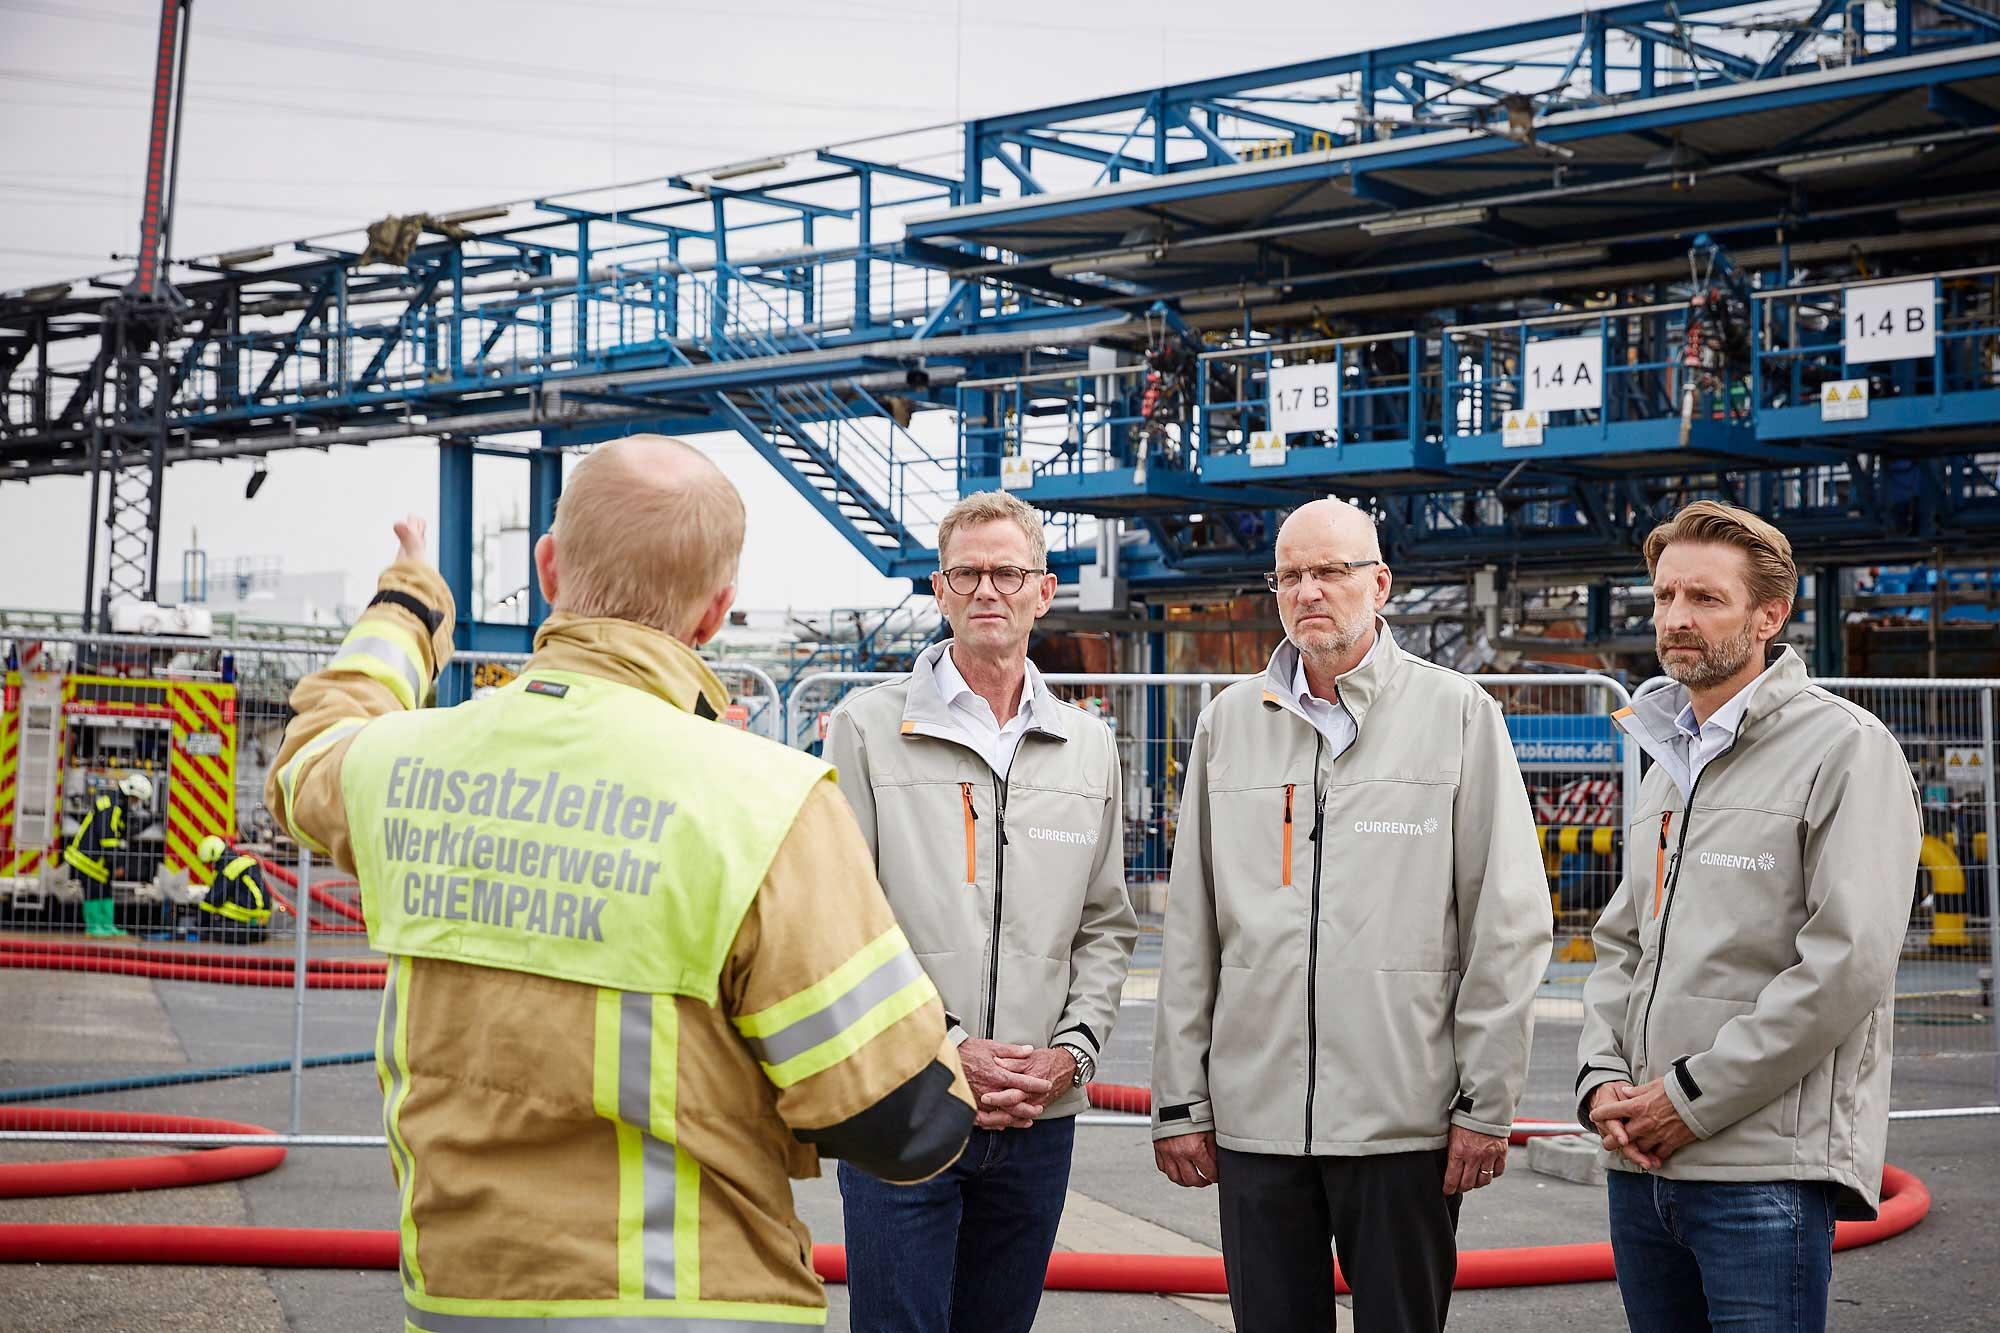 Tobias Dehling, Einsatzleiter Werkfeuerwehr, an der Unfallstelle mit Hans Gennen, Frank Hyldmar und Wolfgang Homey (Foto vom 12.08.2021)